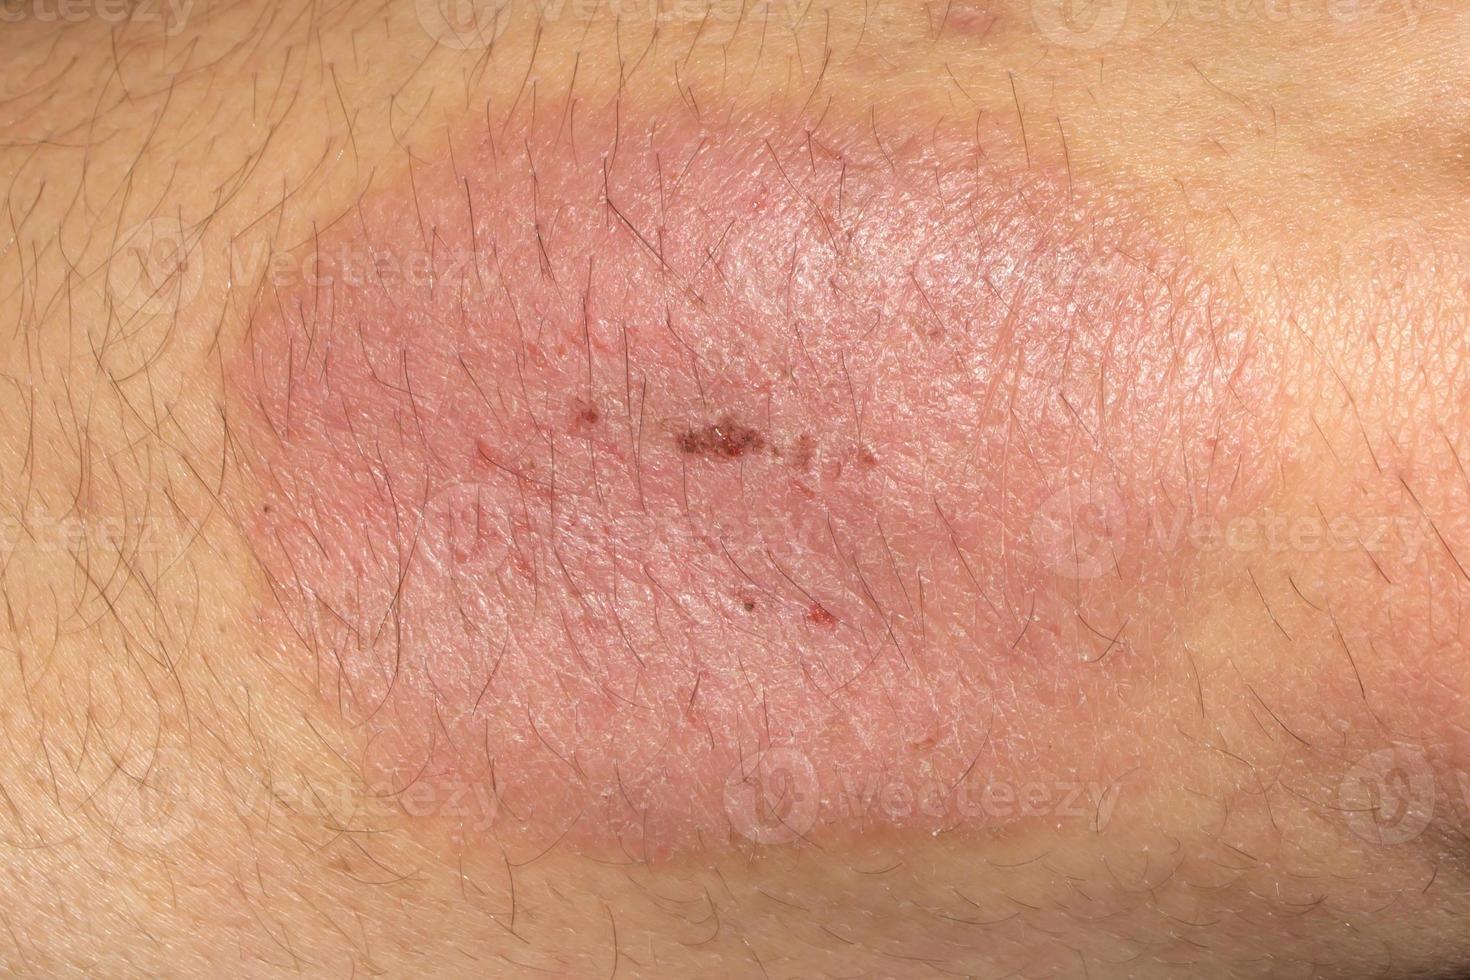 psoriasis armbåge foto